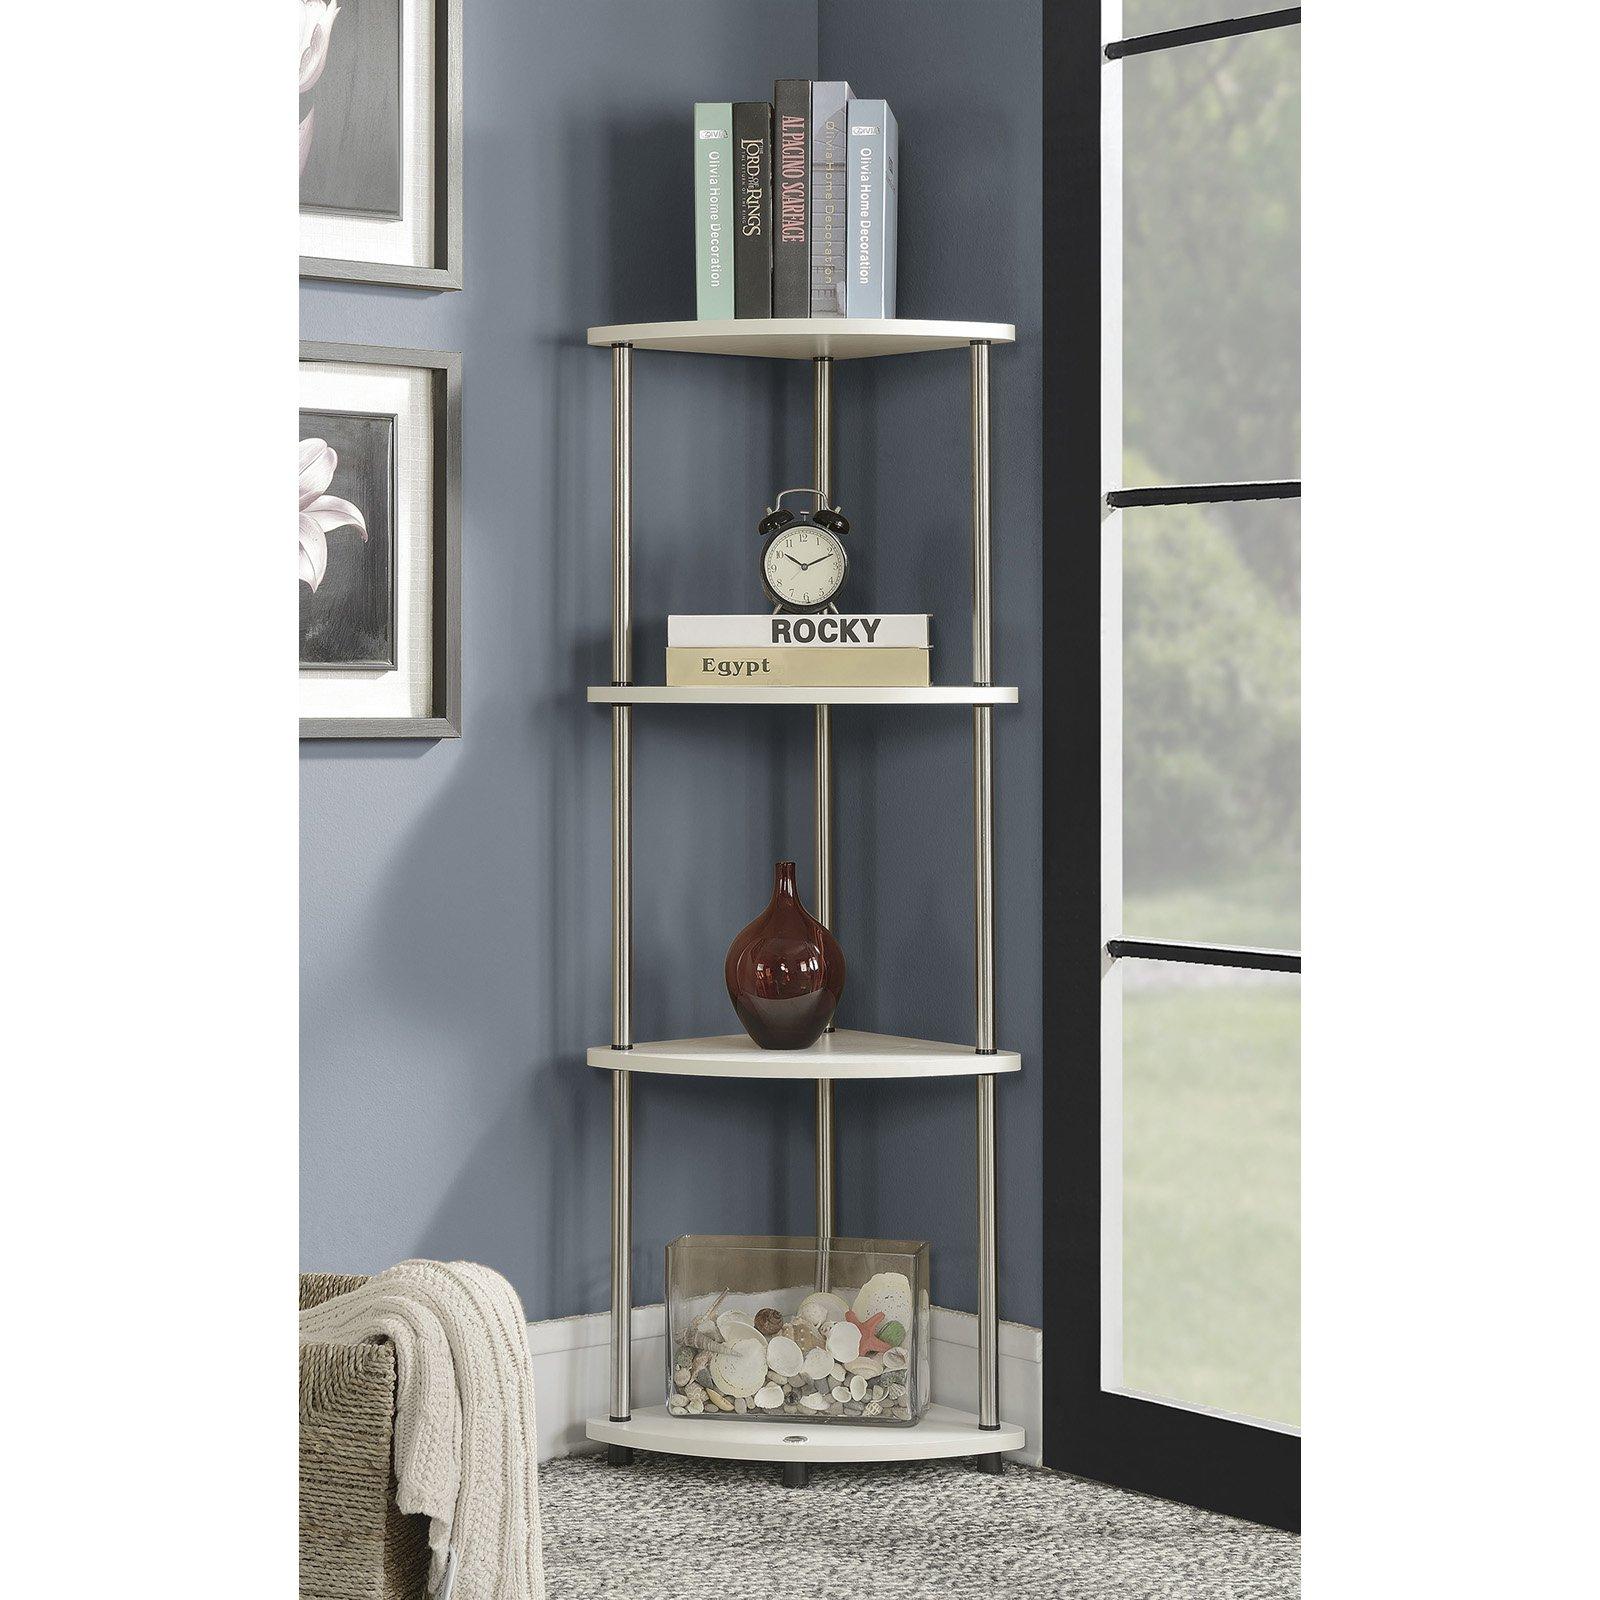 Convenience Concepts Designs2Go No Tools 4 Tier Corner Shelf, Black and Silver